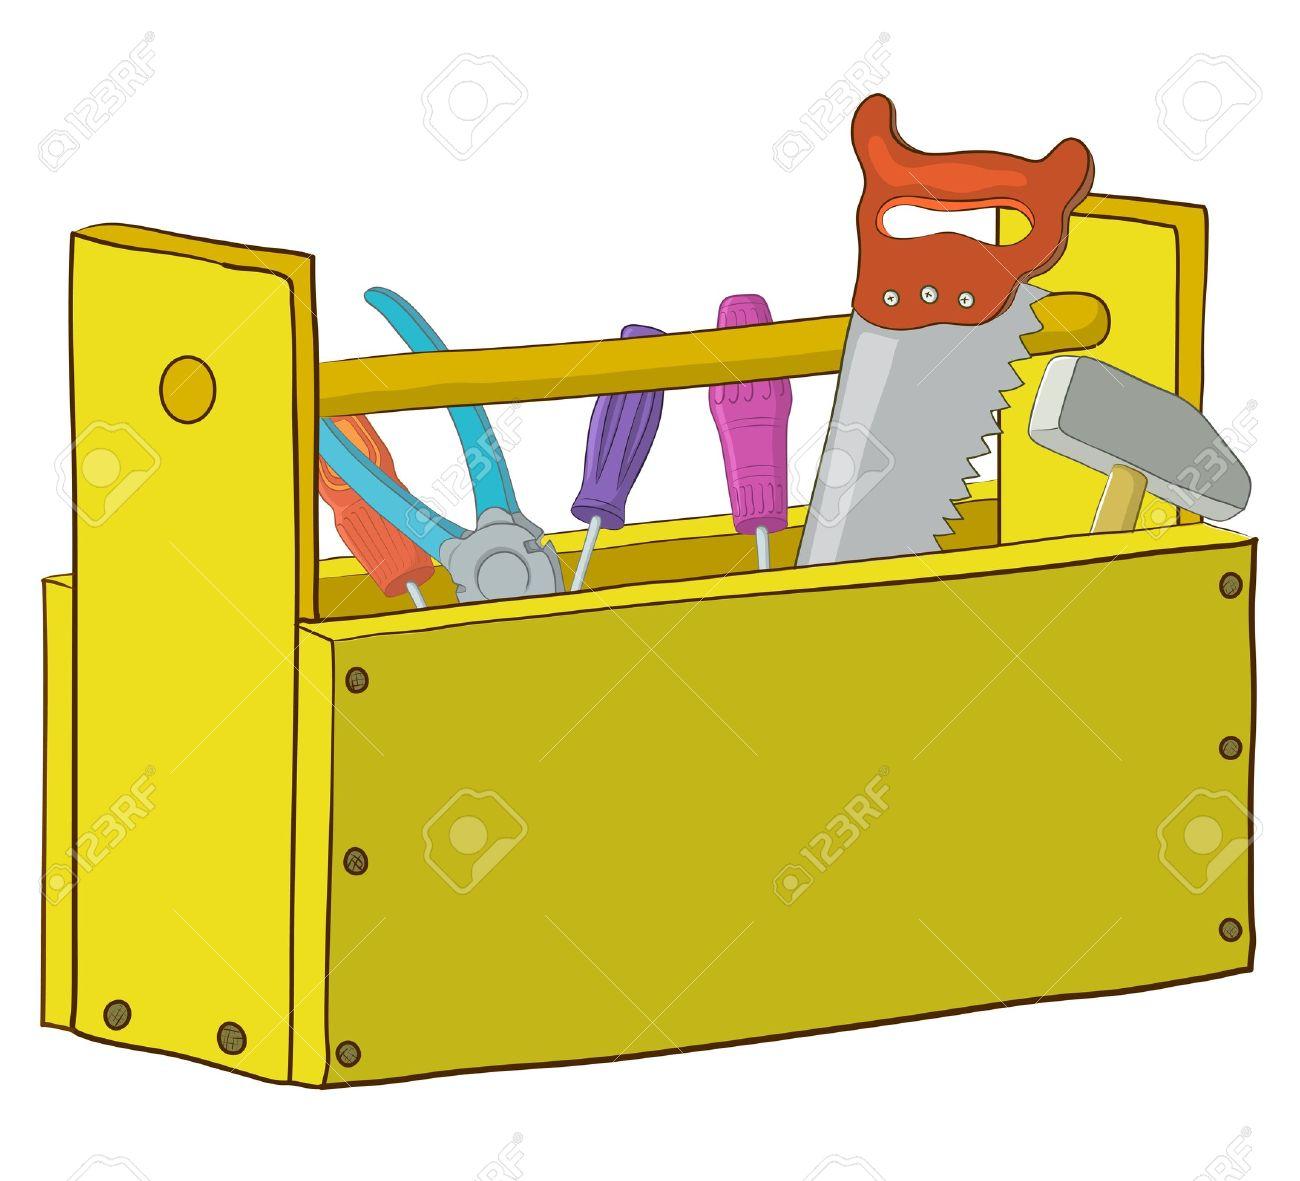 Vektor - Holz-box mit